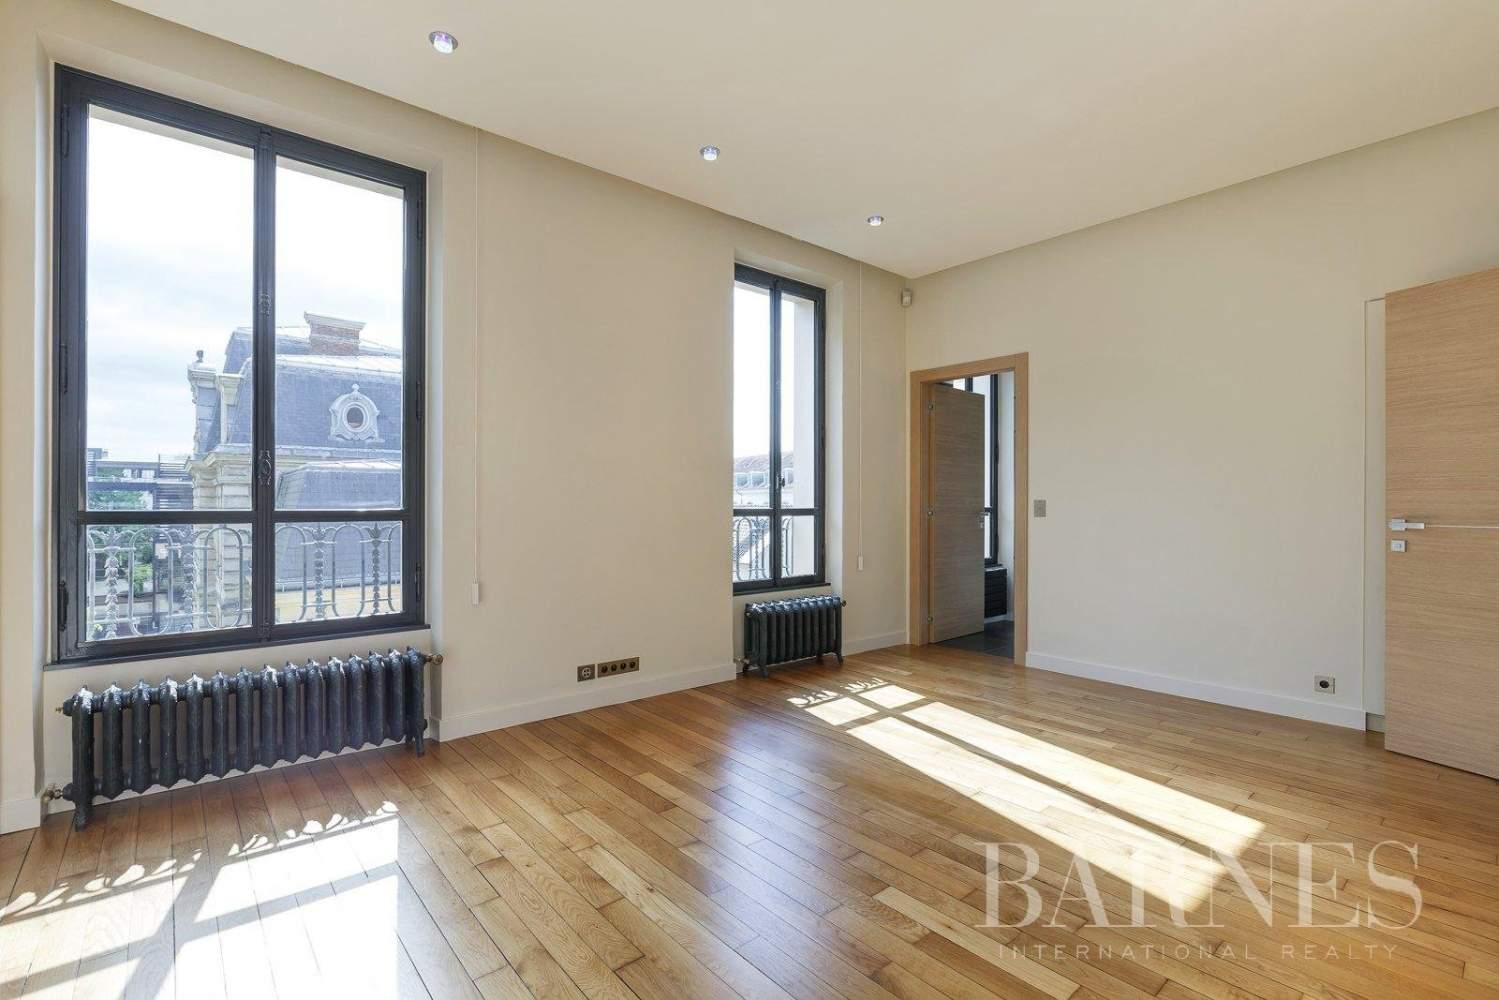 Saint-Germain-en-Laye  - Appartement 8 Pièces 6 Chambres - picture 8